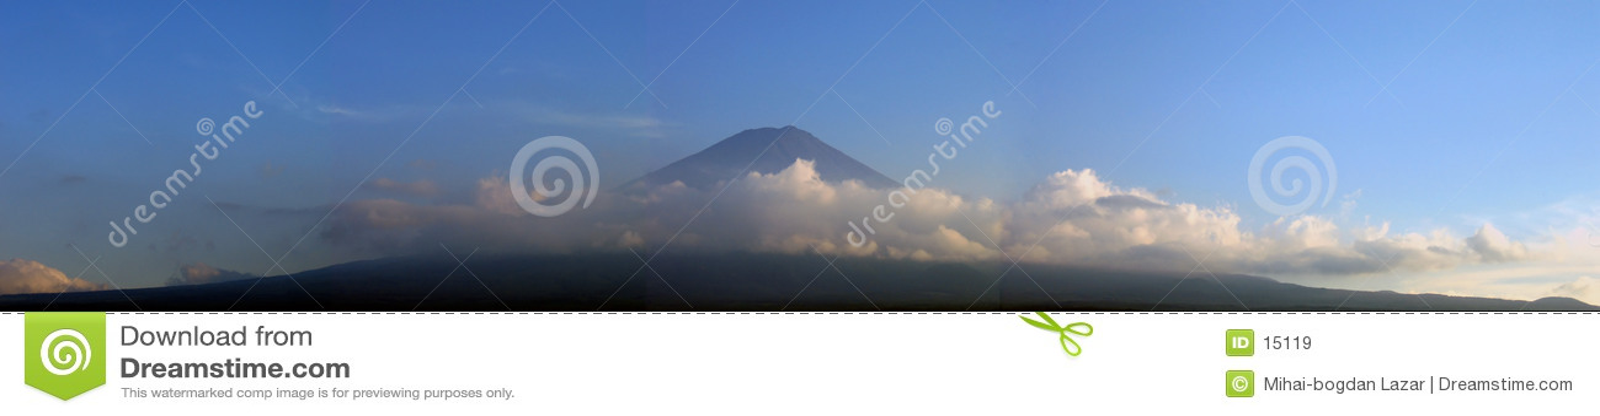 Chmury panorama otaczającą góry Fuji